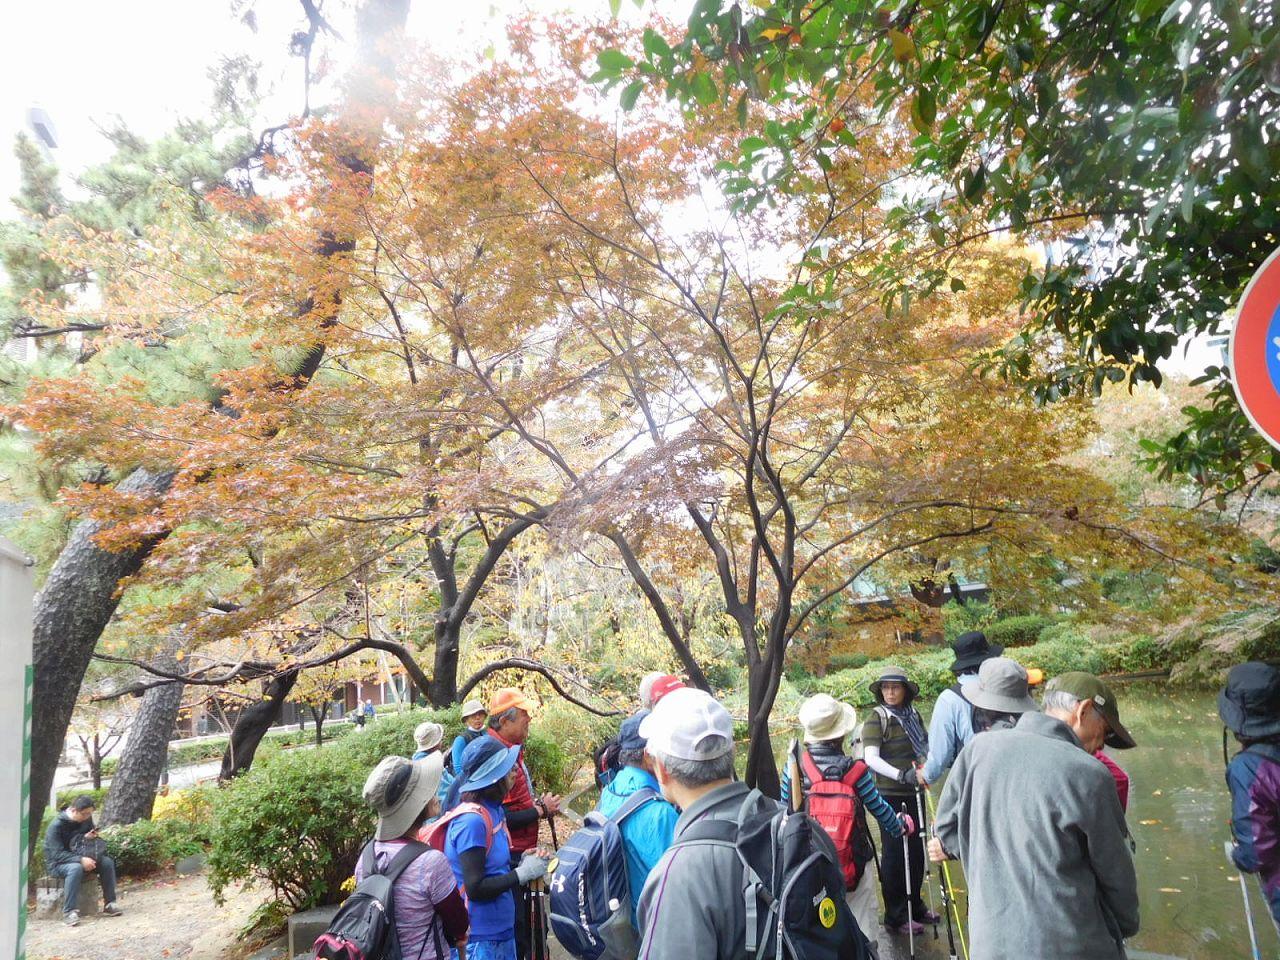 紀尾井町にある清水谷公園池で説明を聞く